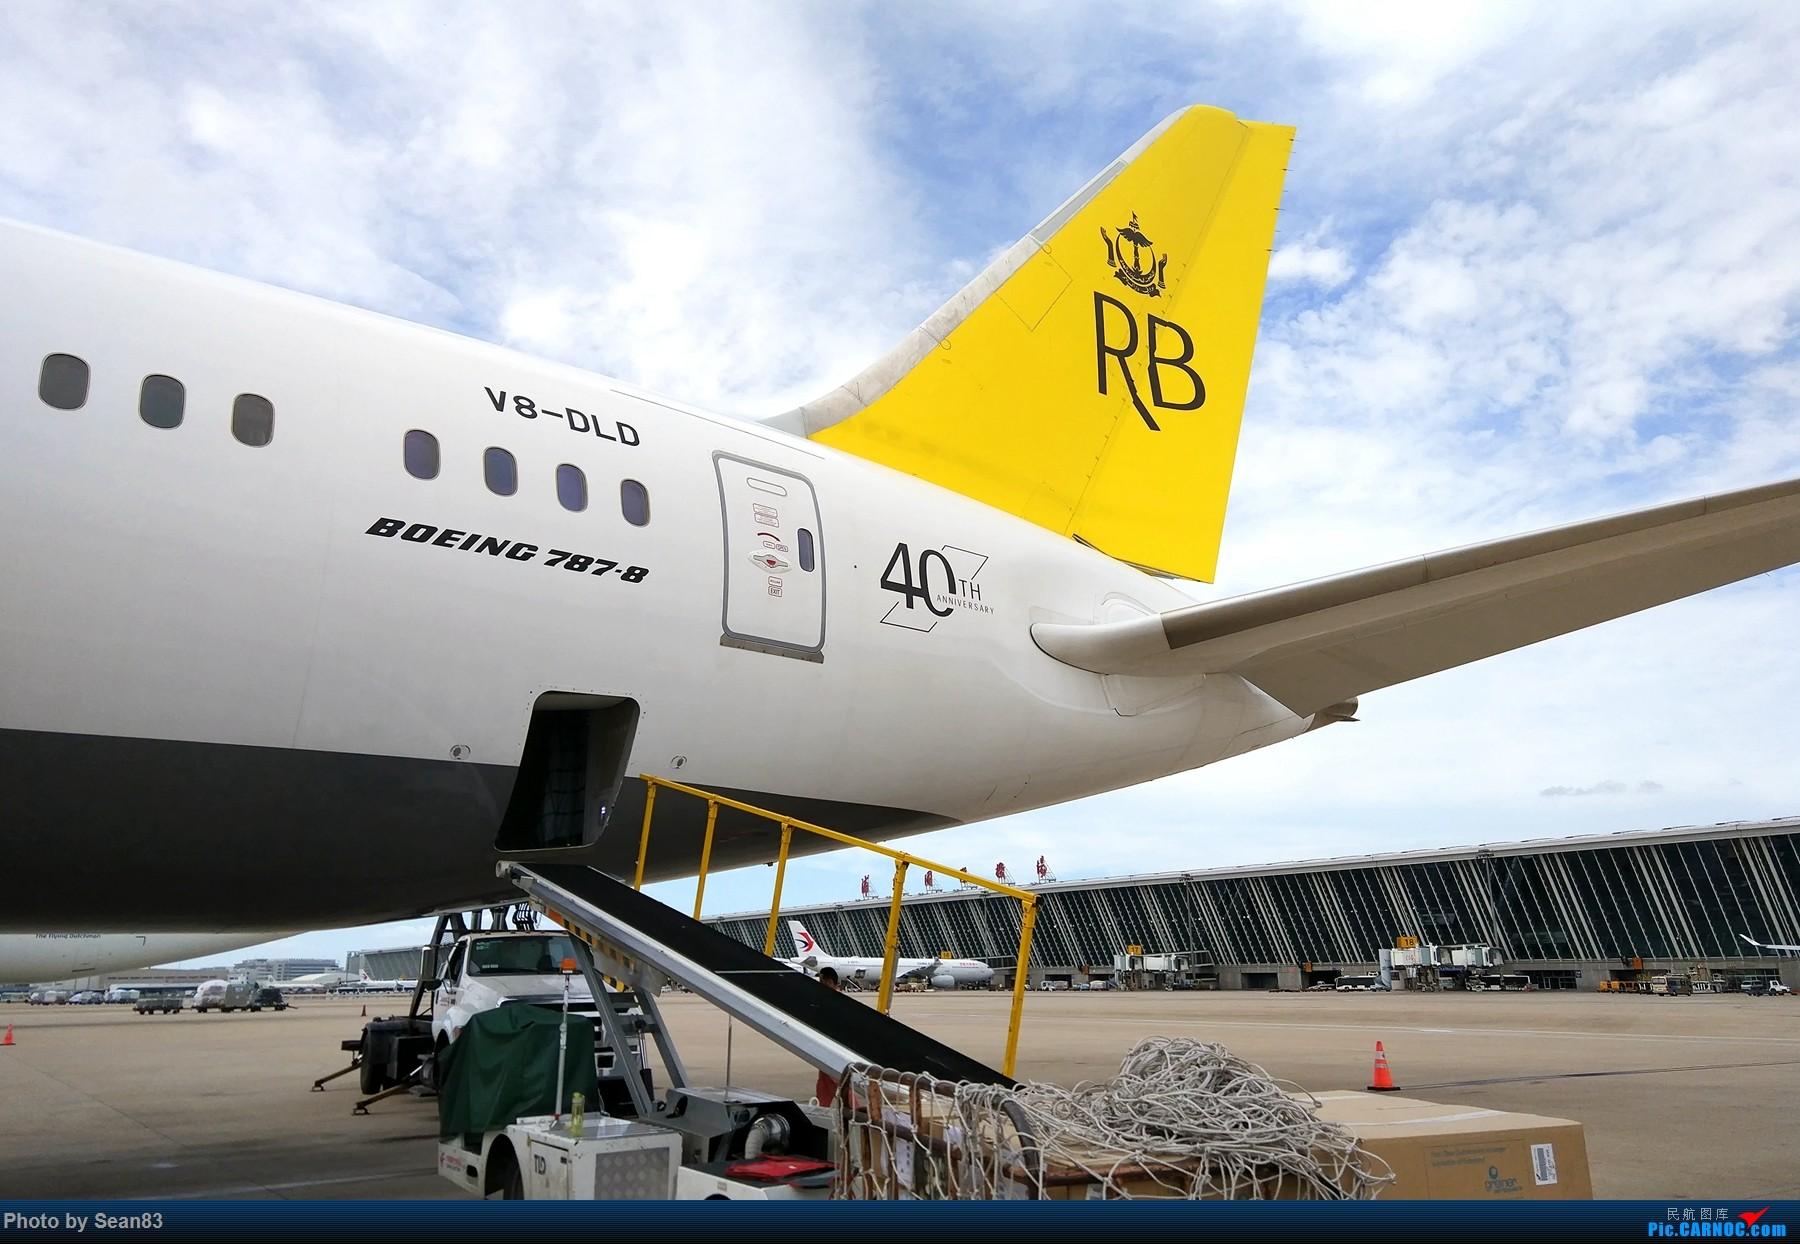 Re:[原创](PVG 1800*)文莱航空B787-8 BOEING 787-8 V8-DLD 上海浦东国际机场